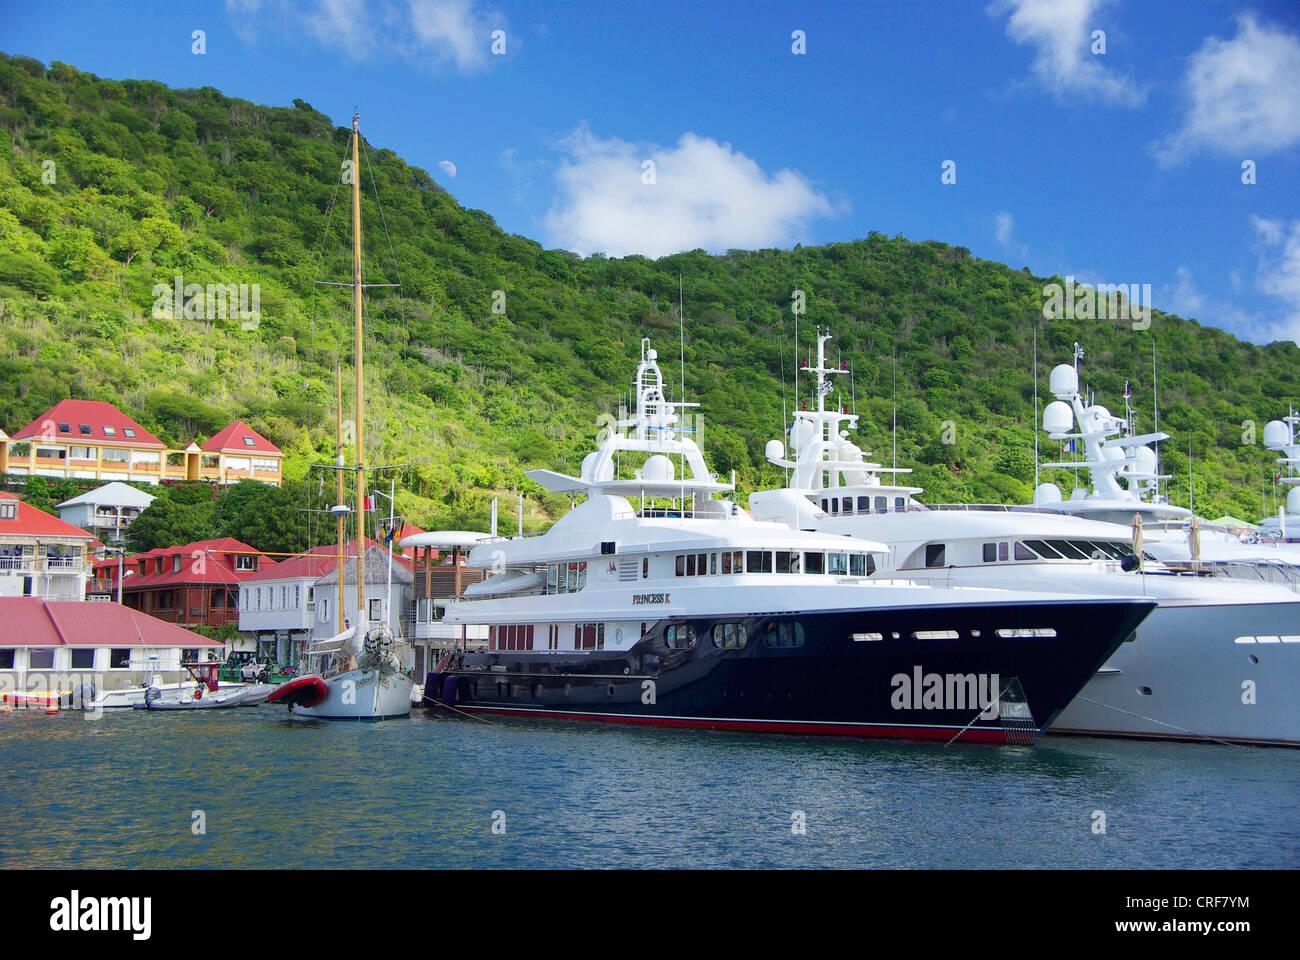 St. Barth, Gustavia, Franzoesiche Antillen, Saint Barth lmy Stockfoto